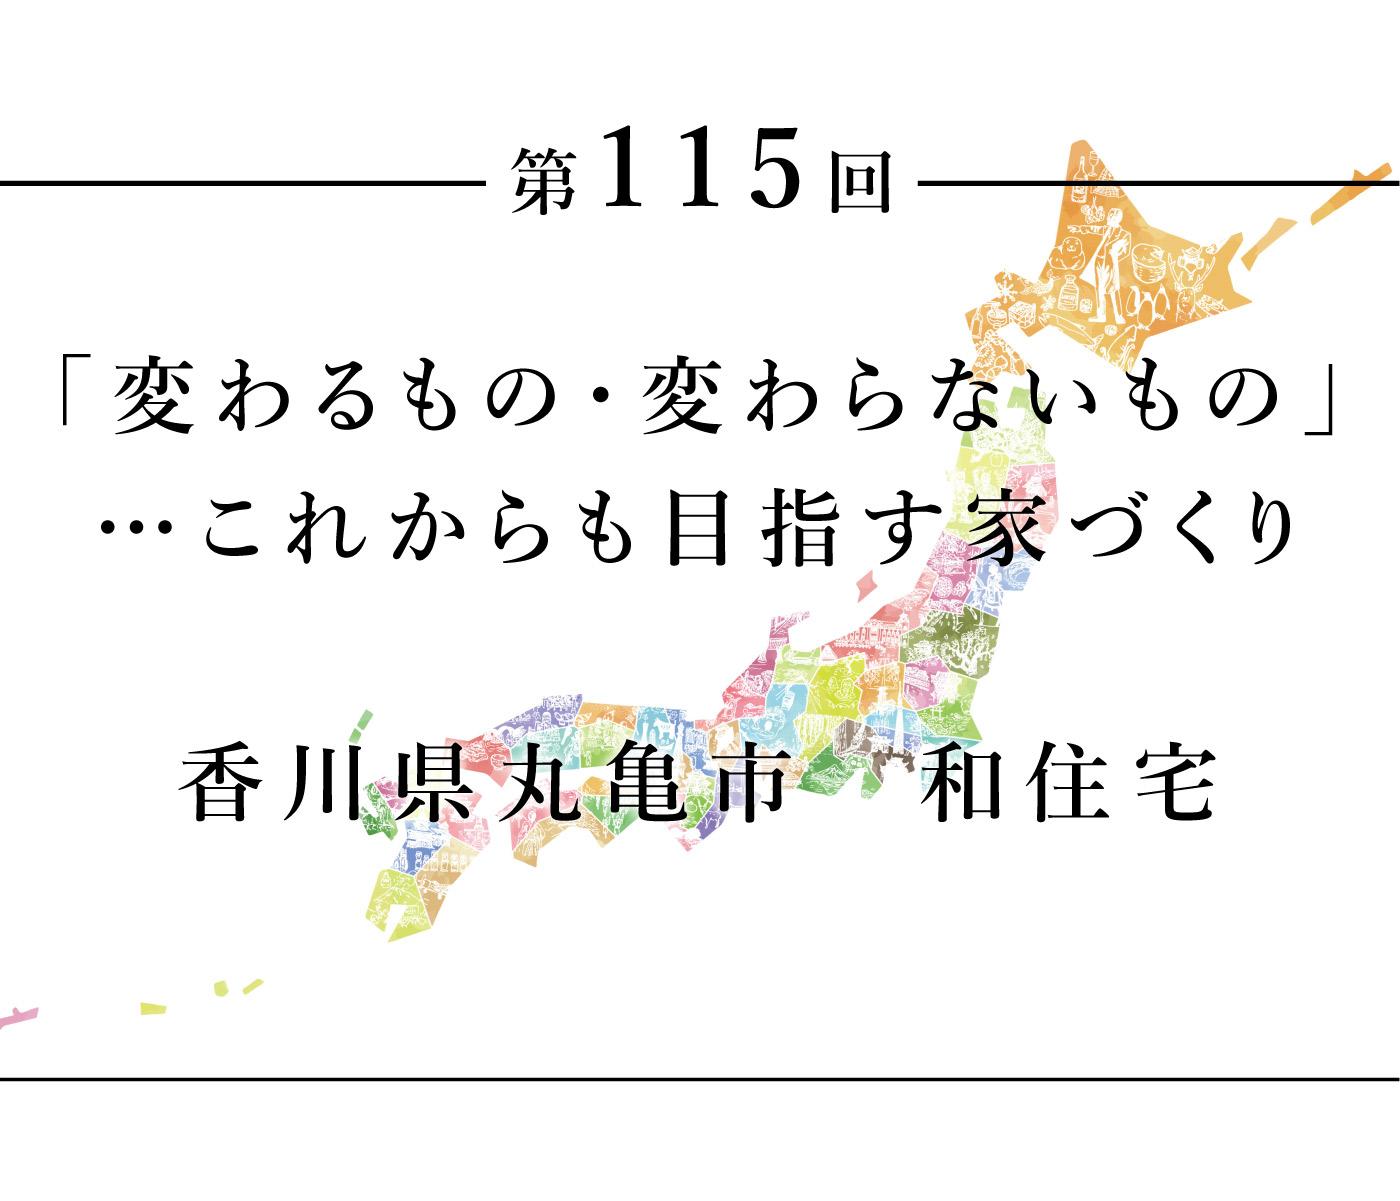 ちいきのたより第115回「変わるもの・変わらないもの」…これからも目指す家づくり香川県丸亀市 和住宅